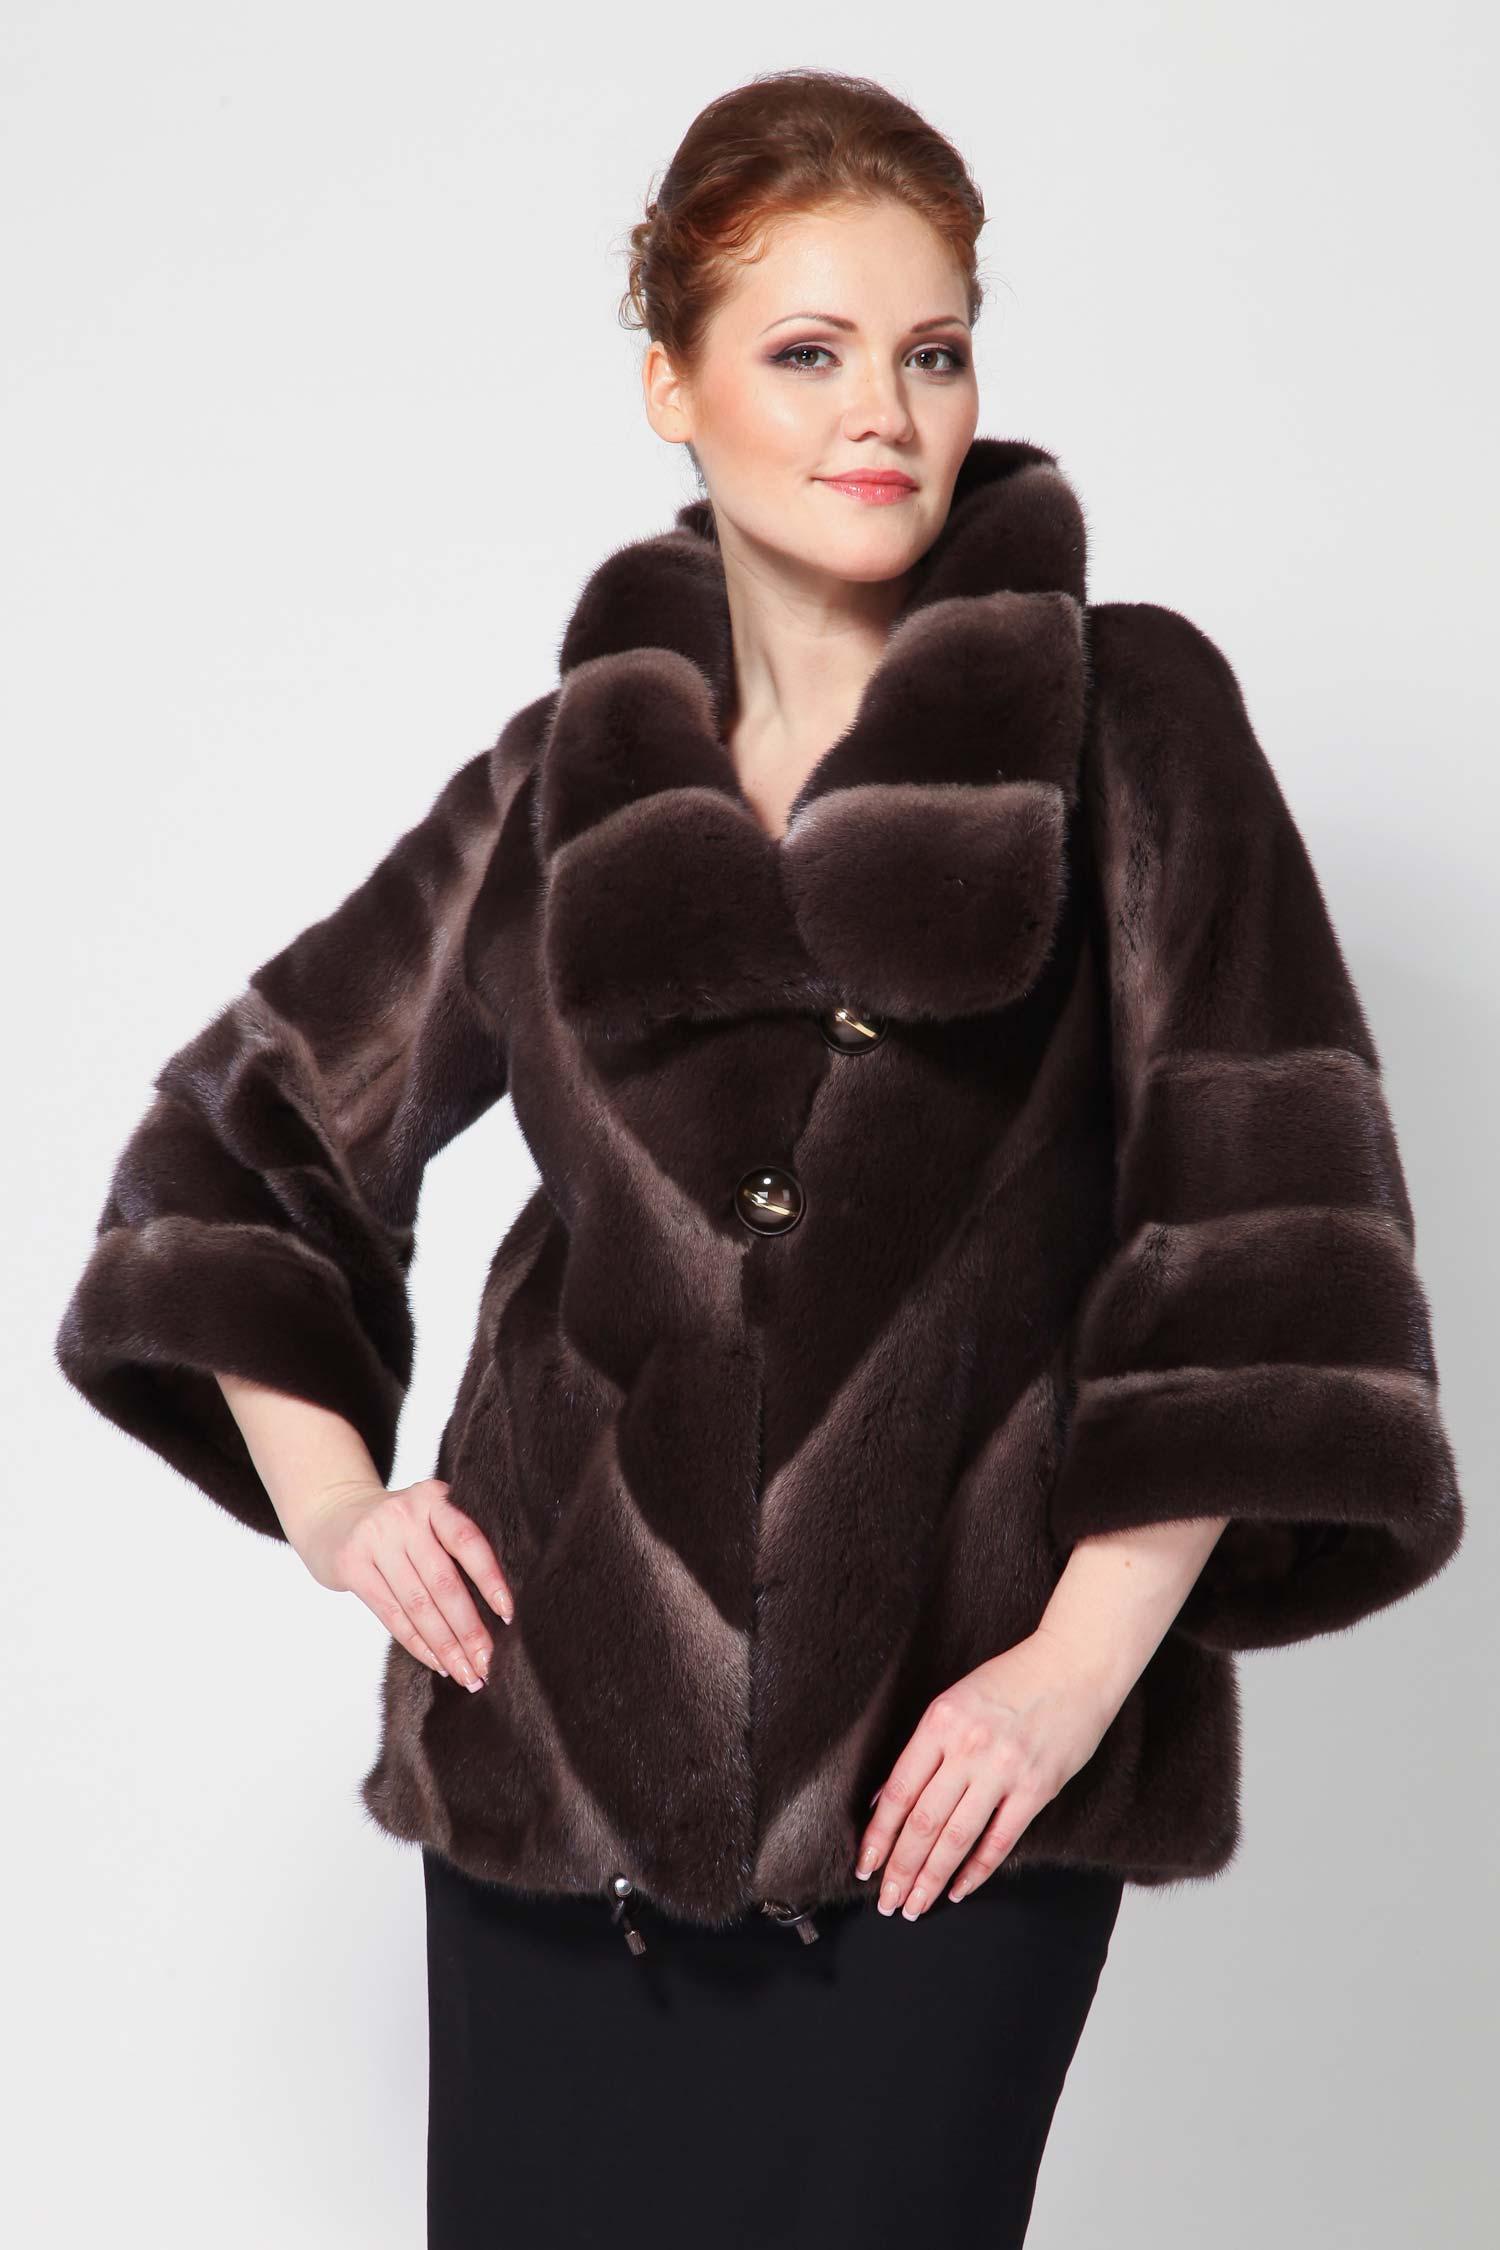 Пальто из норки с воротником, без отделкиЭлегантная и очень необычная норковая куртка станет незаменимой базовой вещью у любой модницы.Шуба выполнена из шикарной скандинавской норки коричневого цвета с переходом к более светлому тону Scanglow.<br><br>Модель с укороченными рукавами, спереди украшена несколькими красивыми пуговицами. Прямой силуэт и оригинальный воротник - придают изделию шика. По бокам расположены удобные карманы. Снизу идет кулиска. Превосходная модель выделит Вас среди окружающих и станет центральной вещью в Вашем зимнем гардеробе.<br><br>Воротник: Оригинальный<br>Длина см: 70<br>Цвет: Светло-коричневый<br>Пол: Женский